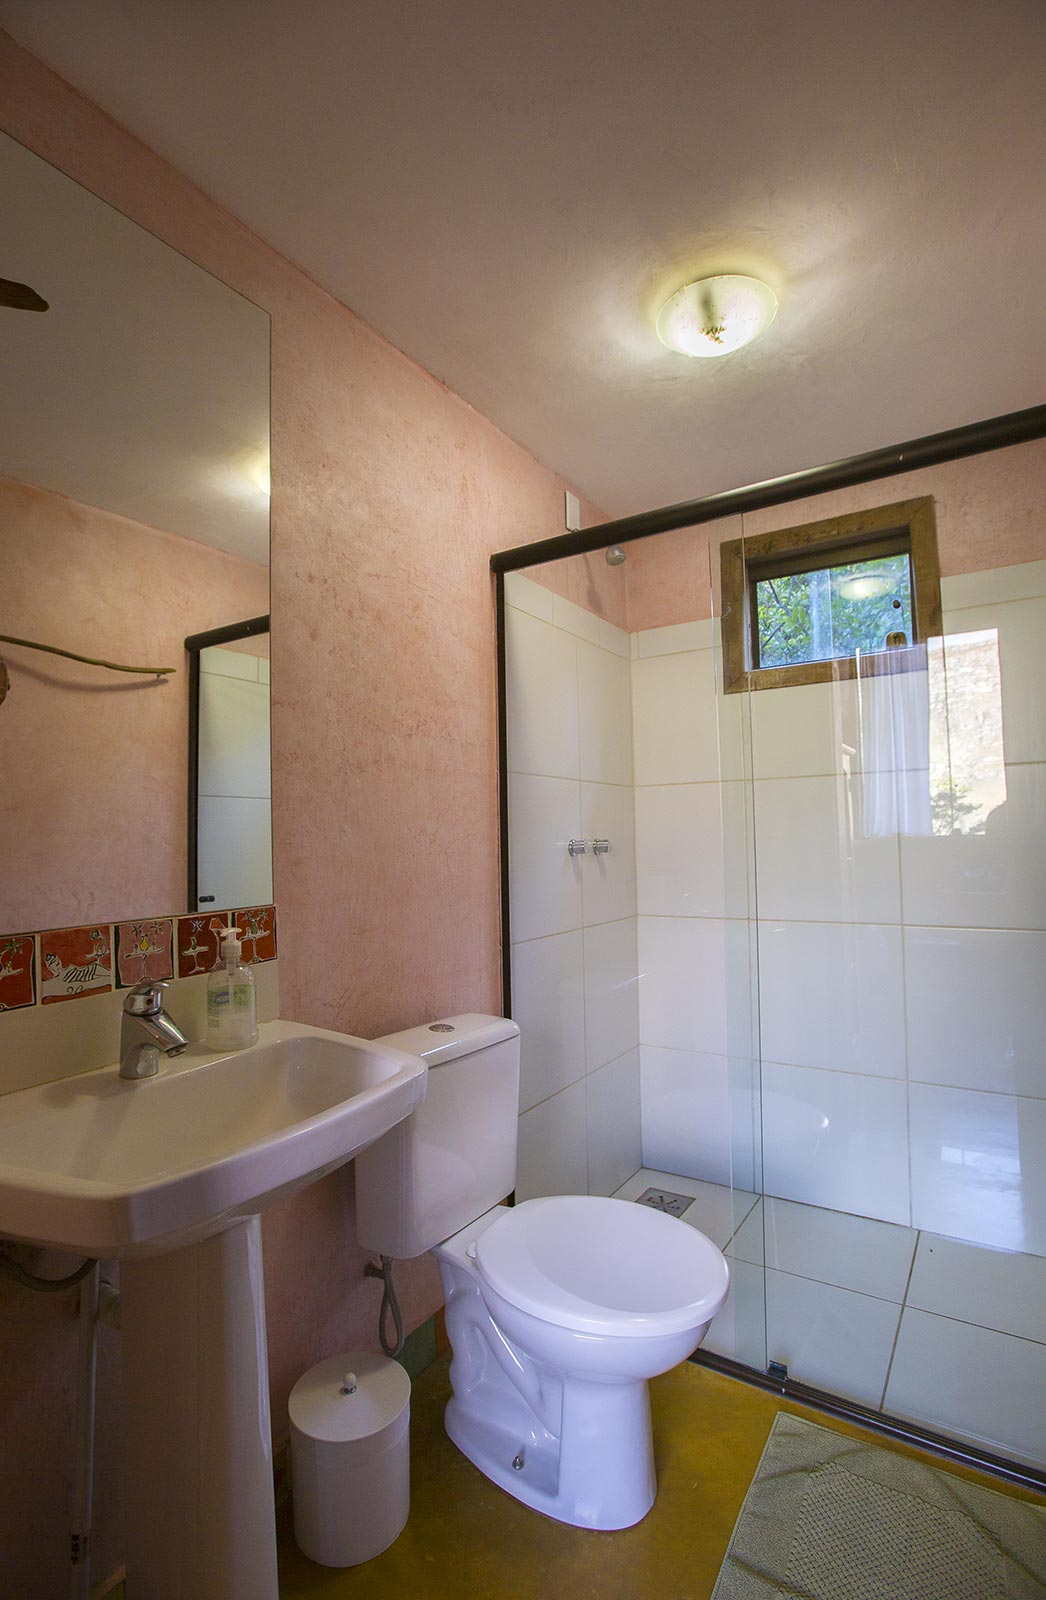 Casa do Teuler - Da Mata Banheiro - Lapinha Da Serra MG - Pousada Hotel ChalésMata banheiro